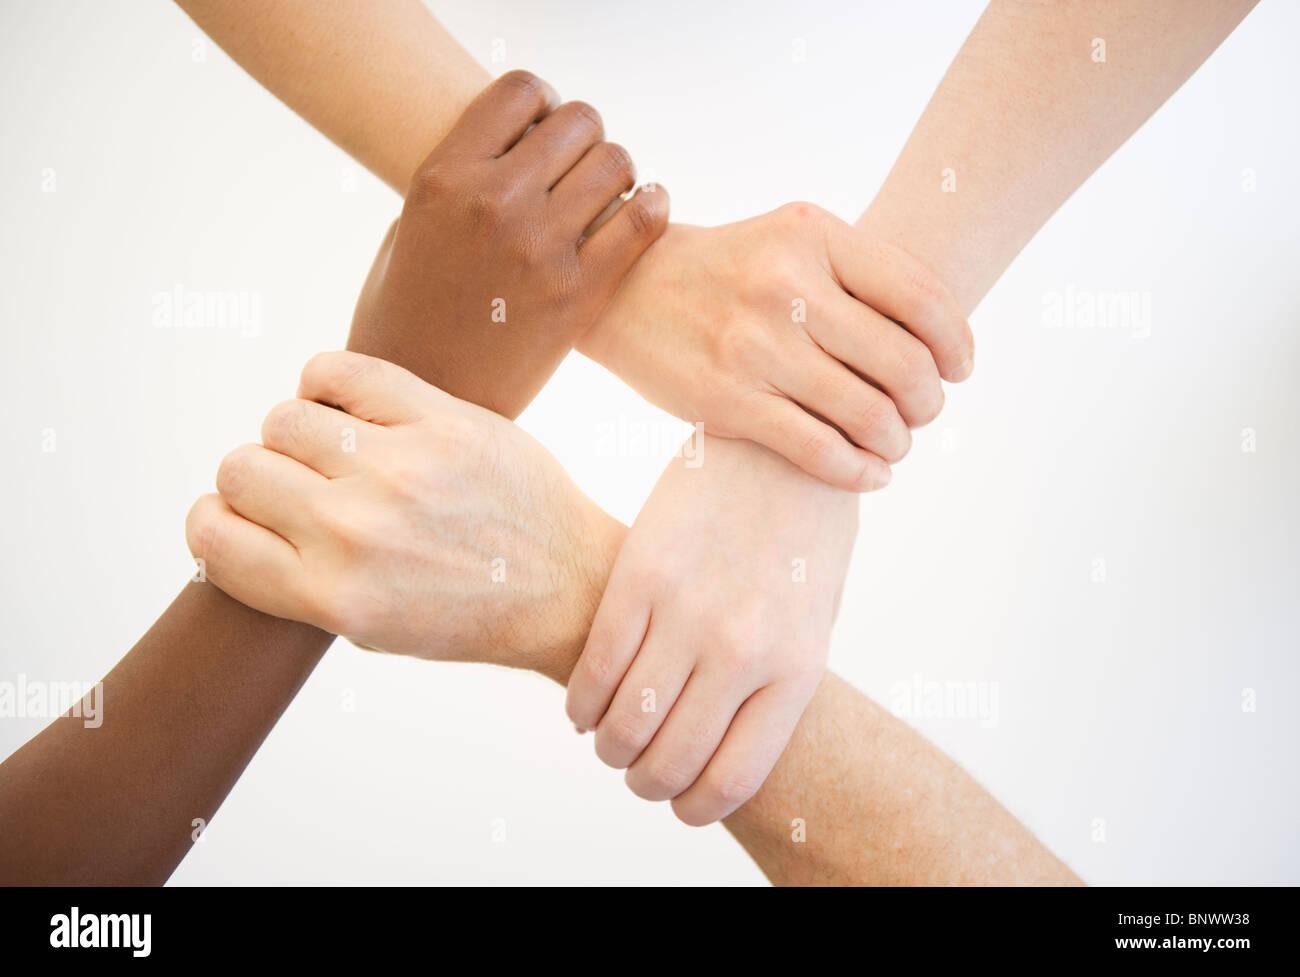 Quatre mains tenant les poignets d'autres personnes Banque D'Images